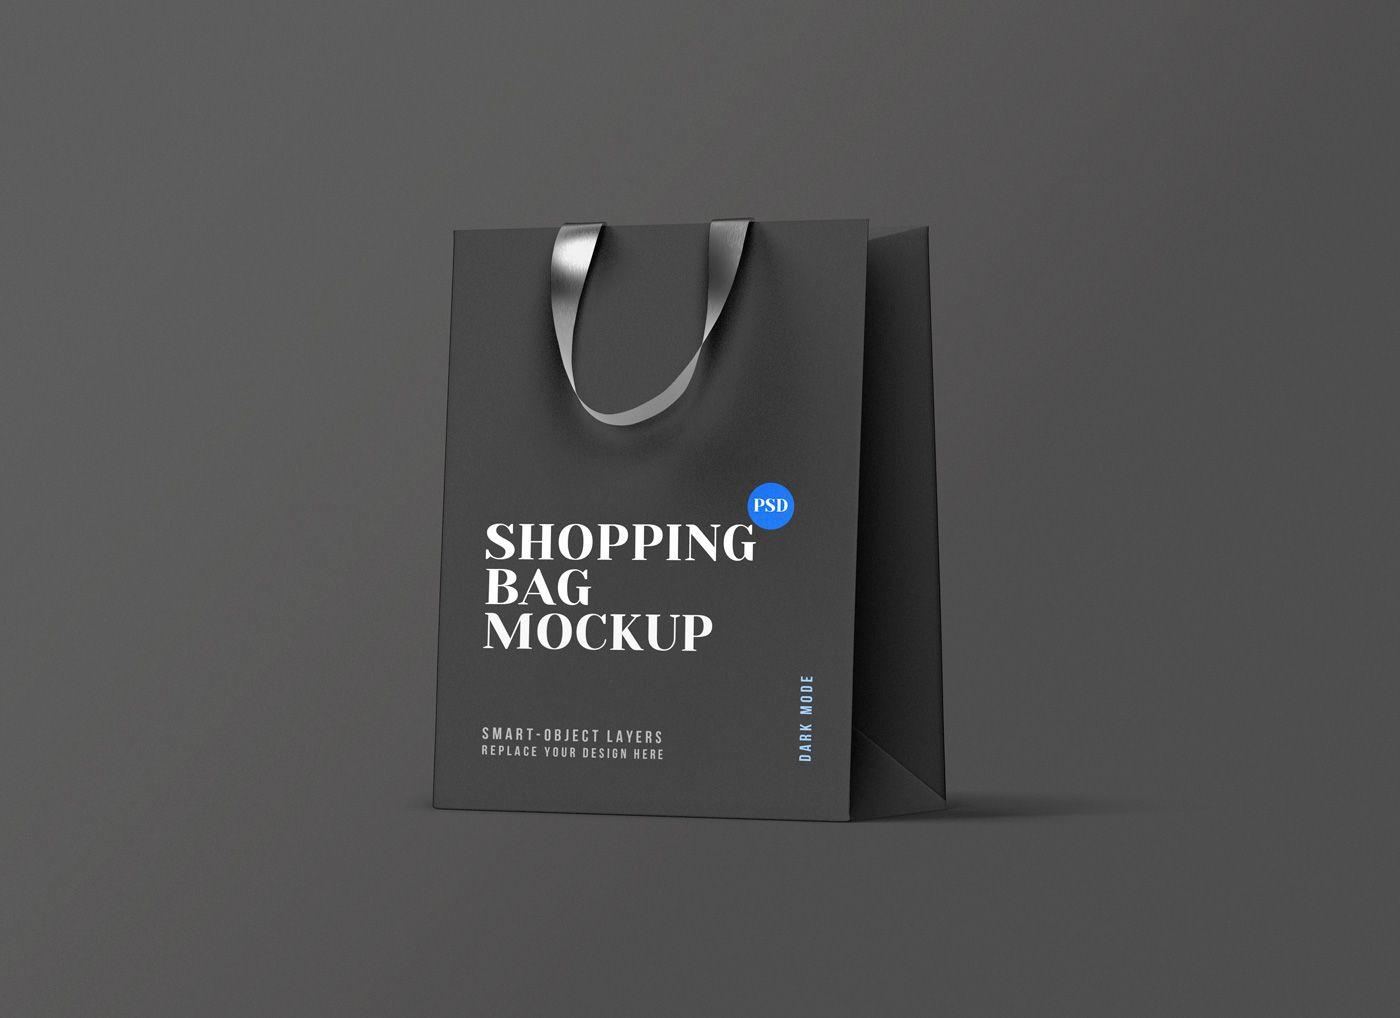 Download Free Shopping Bag Mockup In 2020 Bag Mockup Free Mockup Mockup